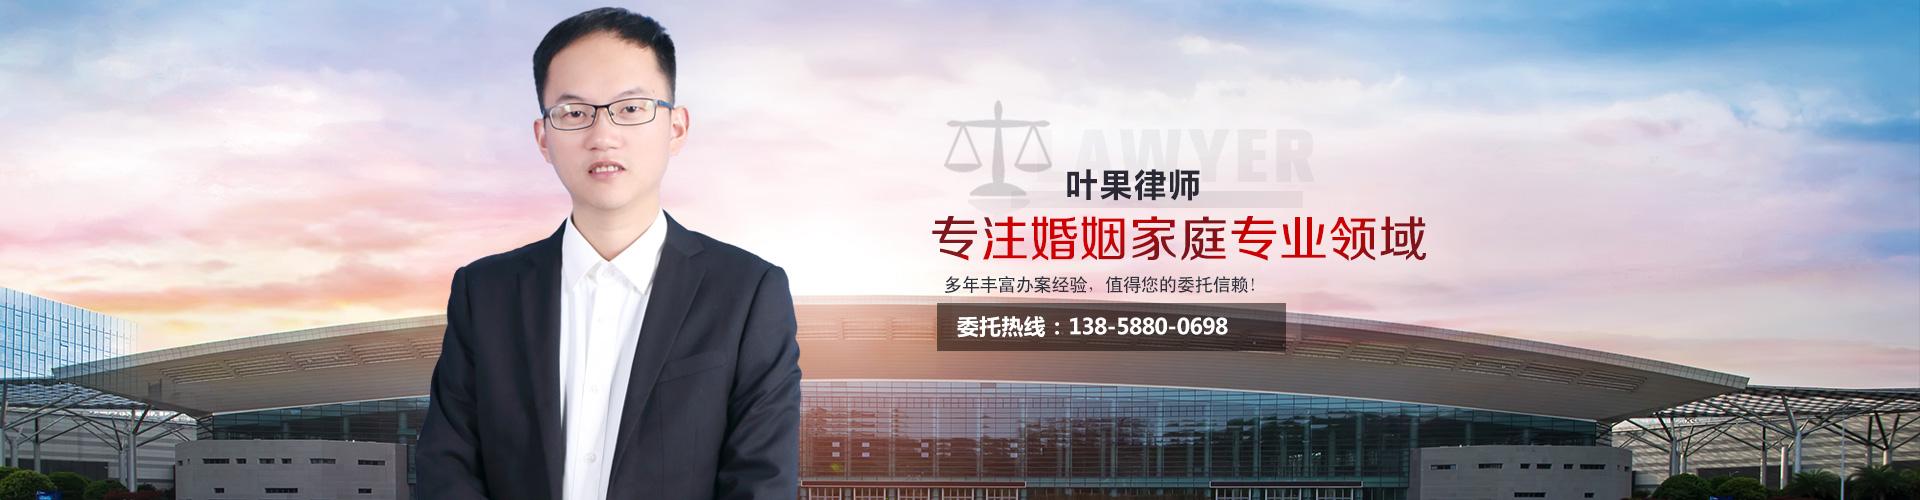 浙江叶果律师